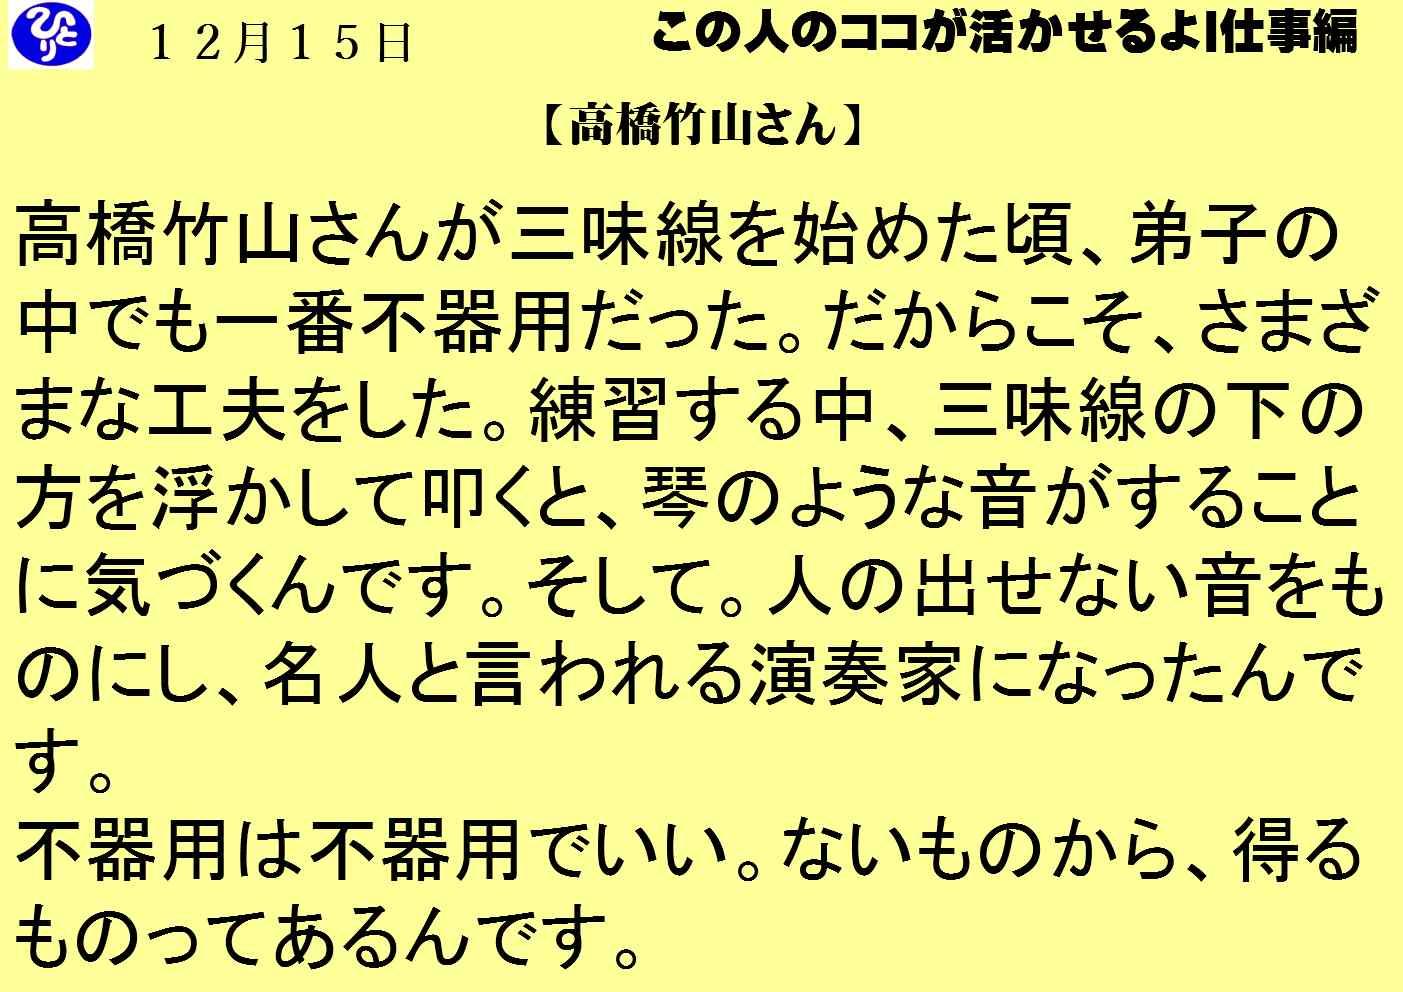 12月15日 高橋竹山さん 仕事一日一語斎藤一人 この人のココが活かせるよ